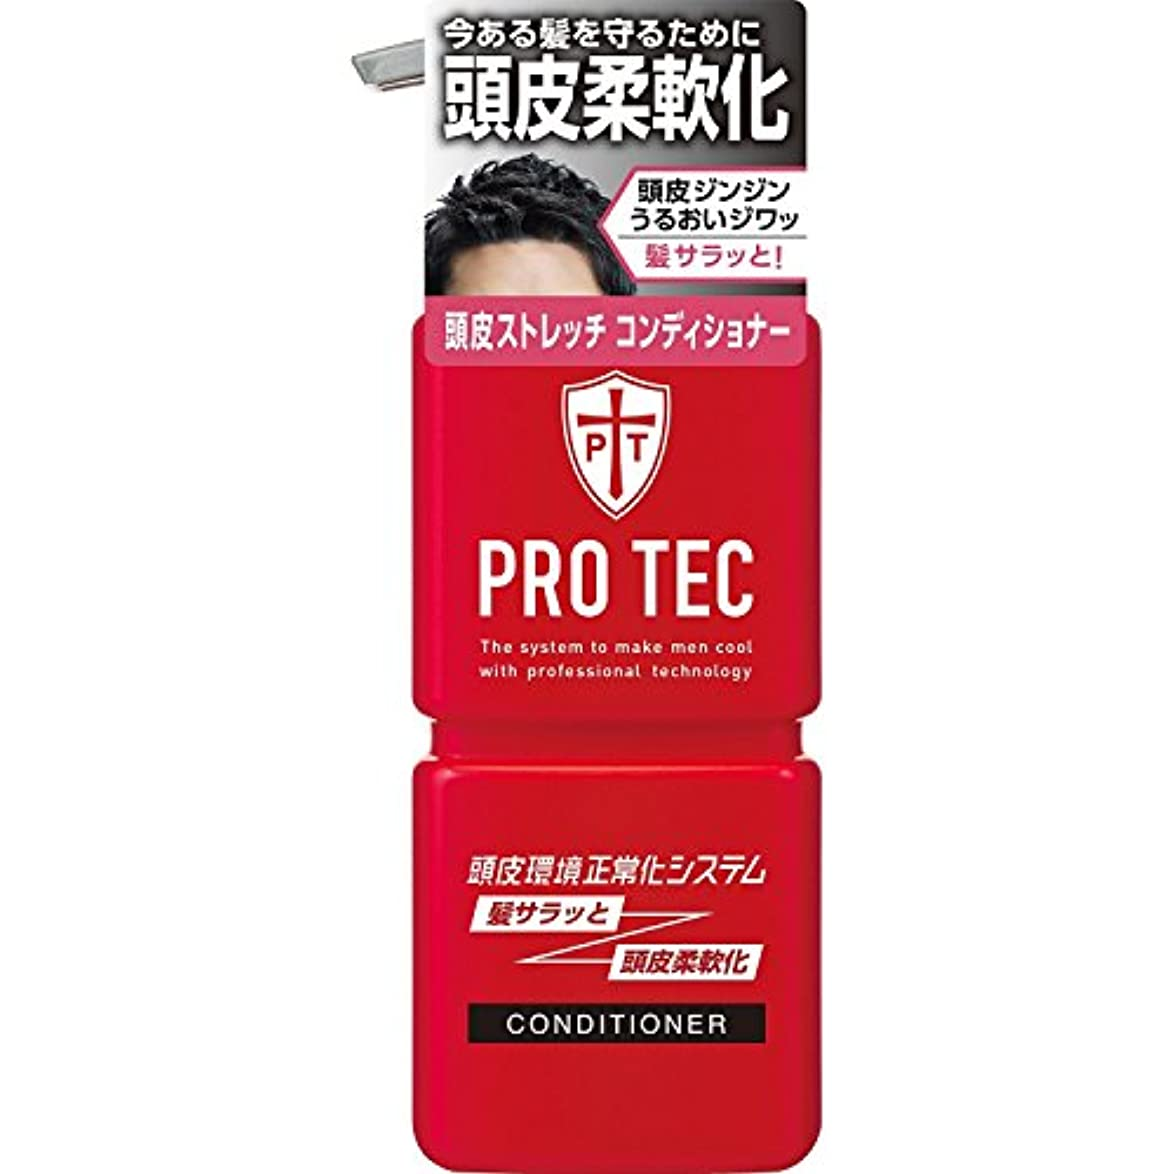 月曜日横にわずらわしいPRO TEC(プロテク) 頭皮ストレッチコンディショナー ポンプ 300g ×20個セット